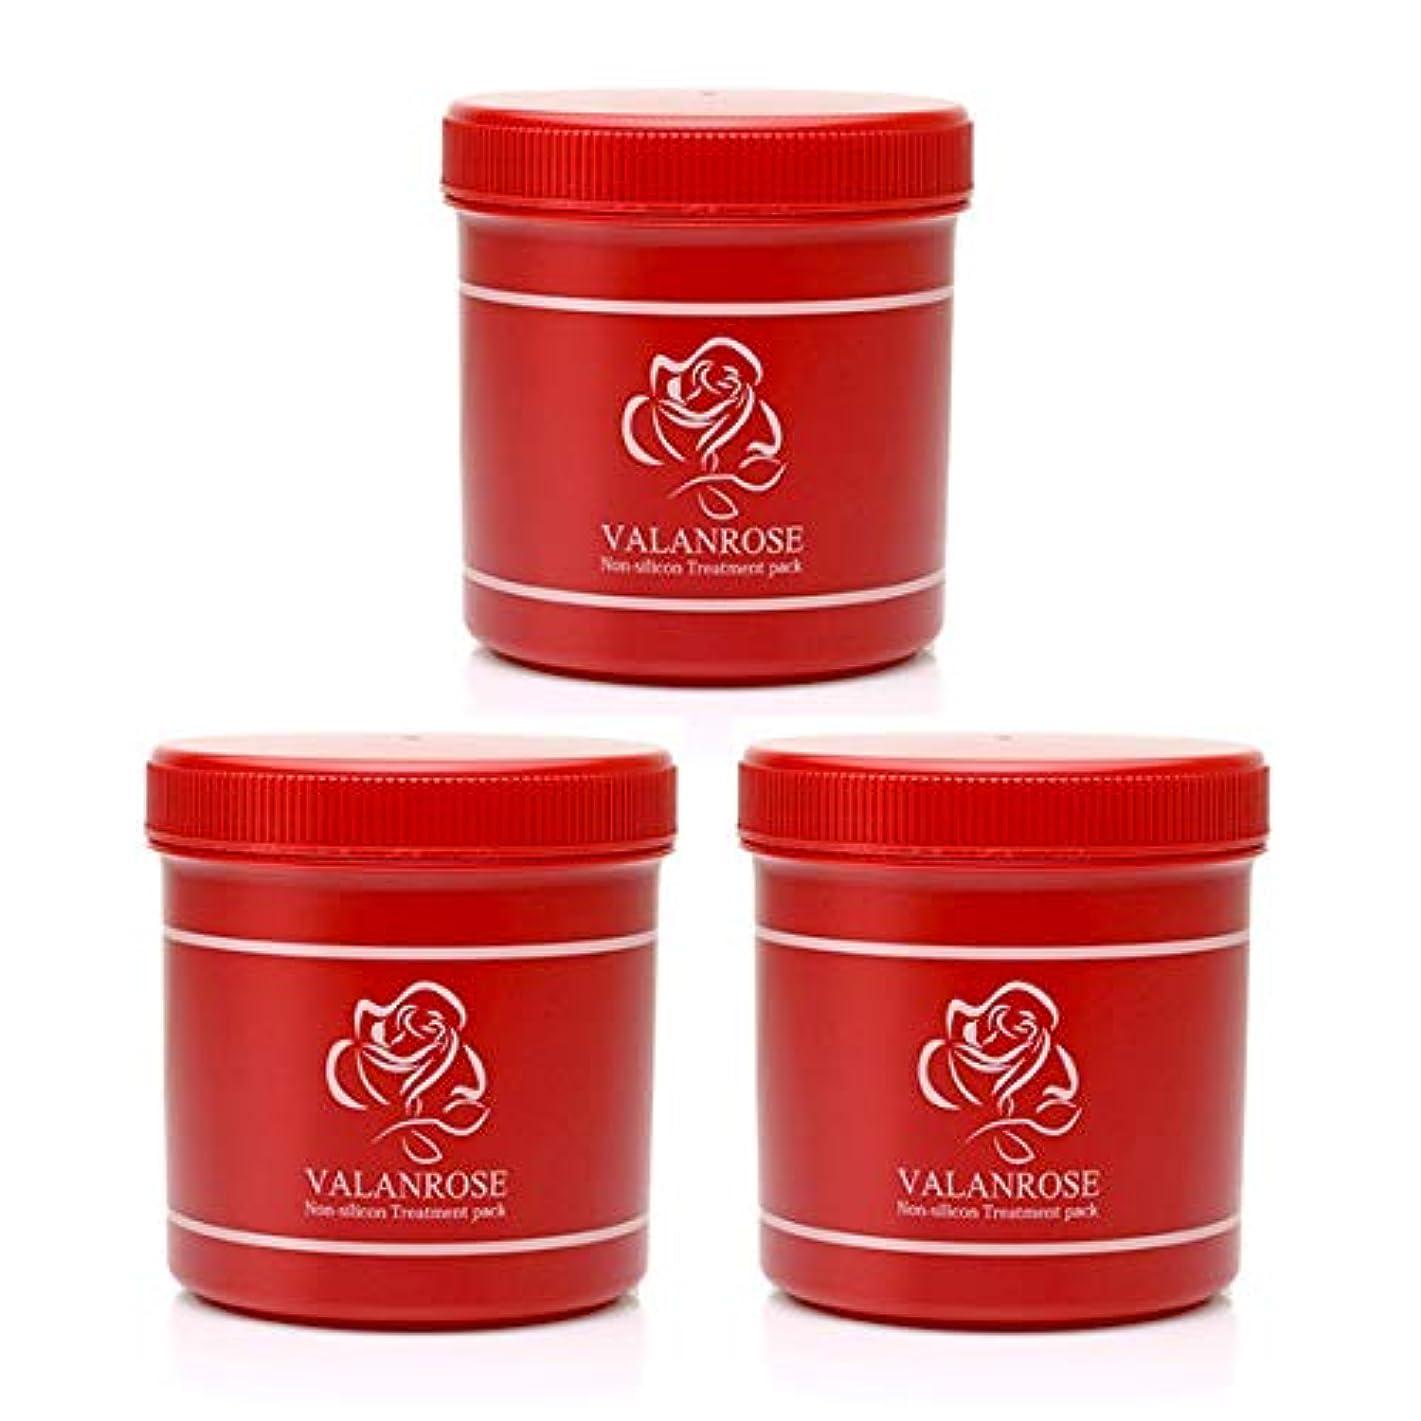 コミュニティ発表ブルジョンバランローズ ノンシリコントリートメントパック(Non-slicon Treatment pack) 500g 3個セット